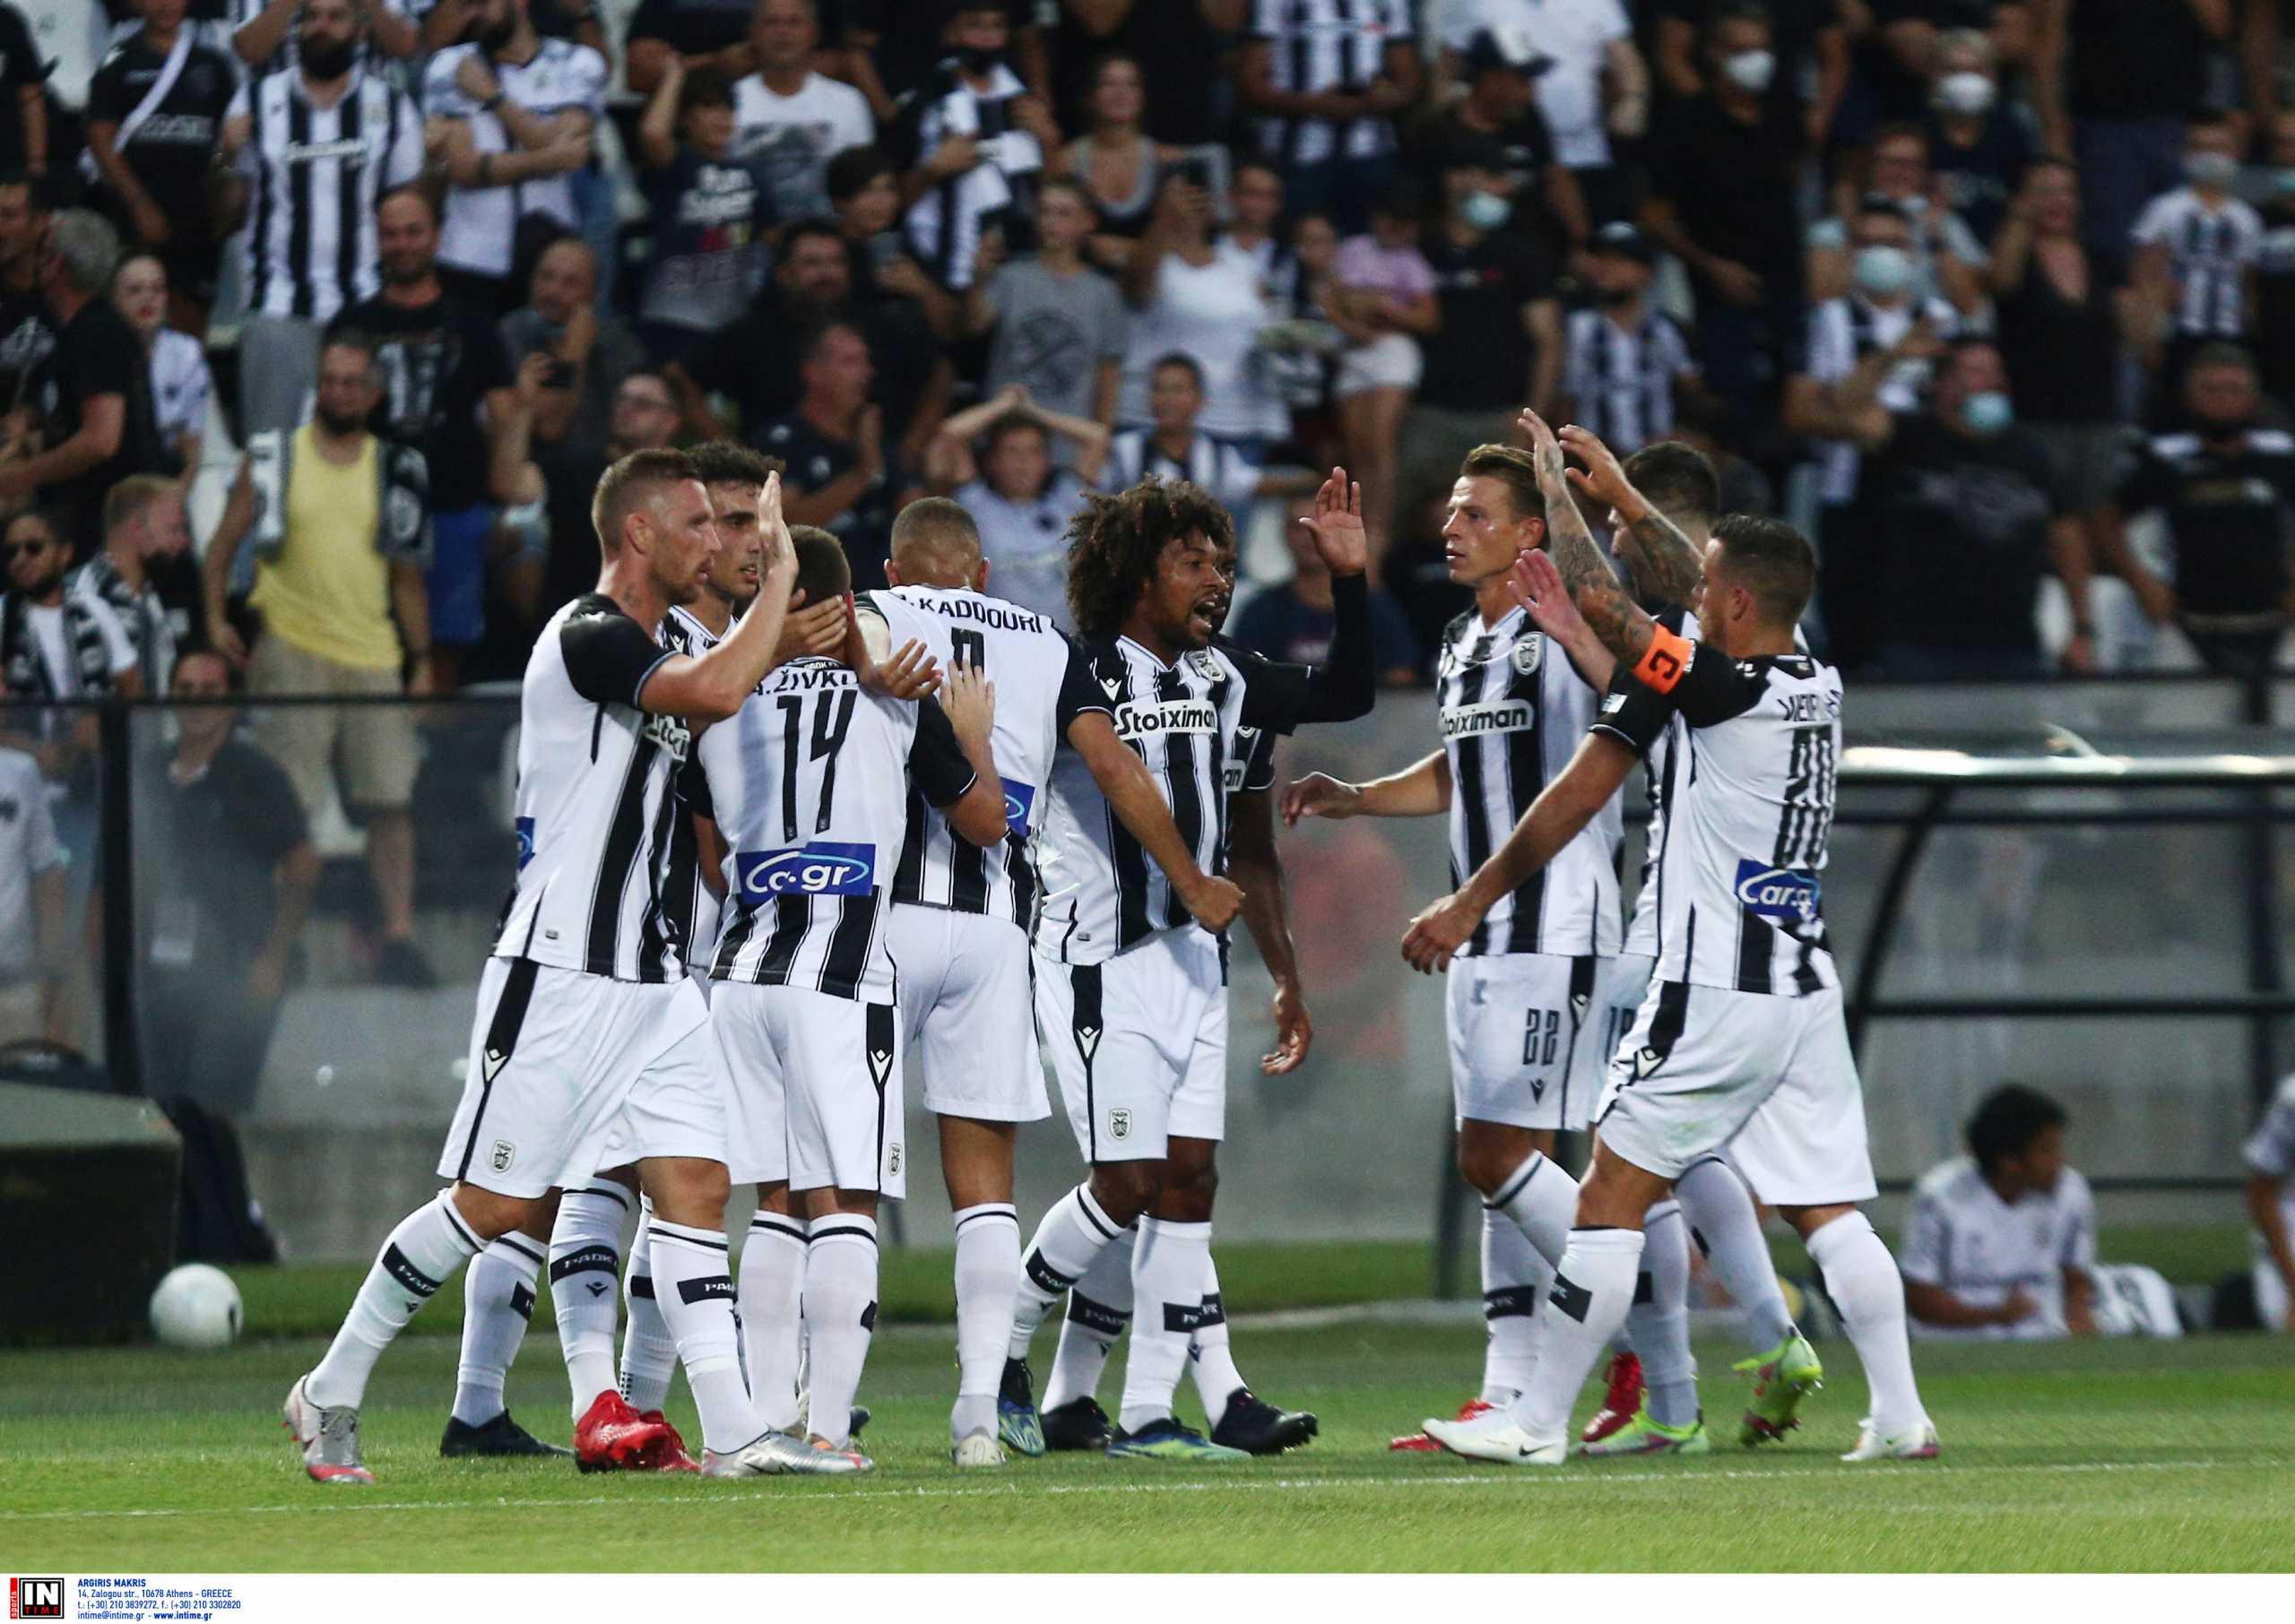 ΠΑΟΚ – Μποέμιανς 2-0: Στα play off του Conference League οι Θεσσαλονικείς